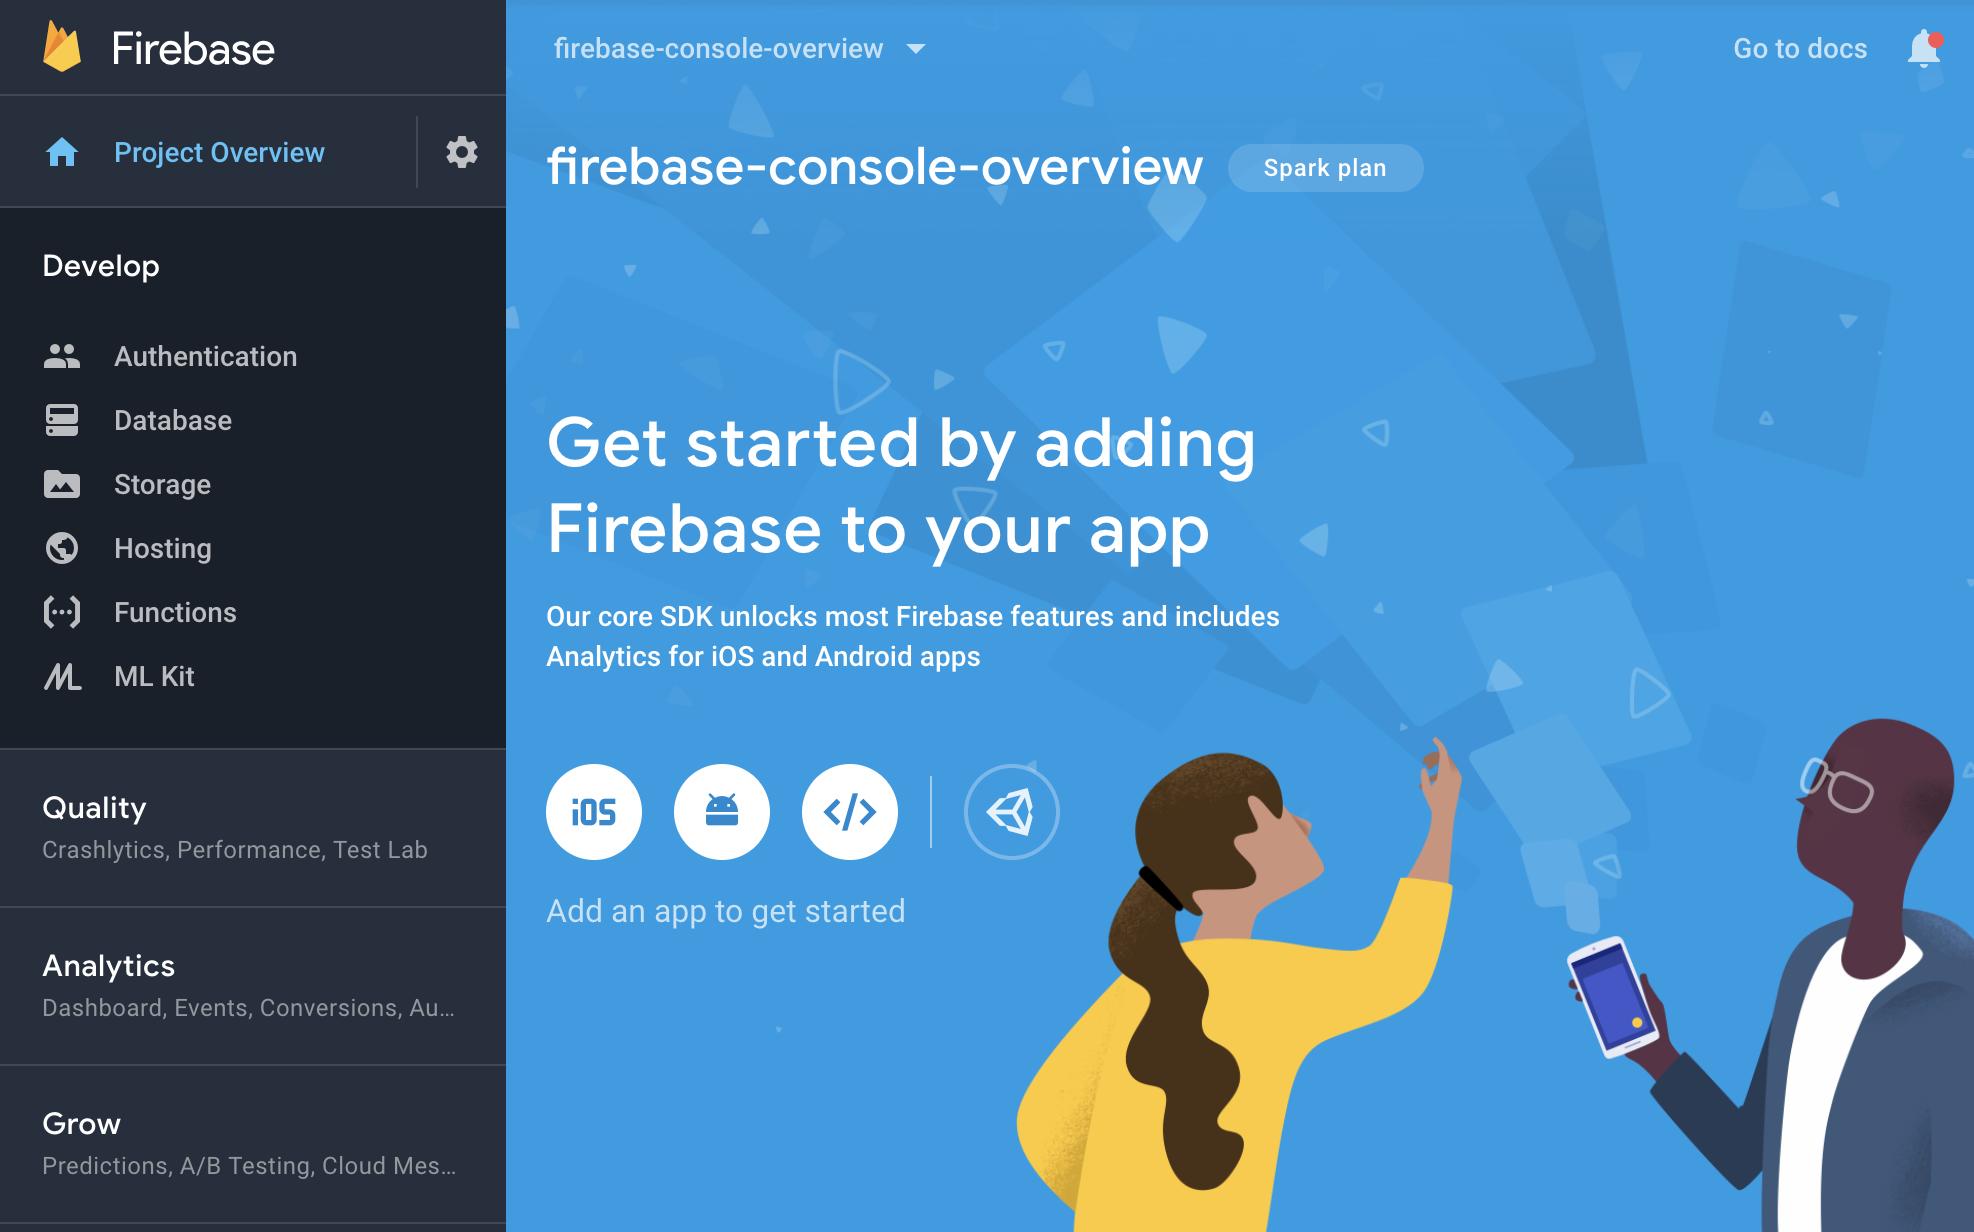 Firebase 控制台 - 项目概览屏幕